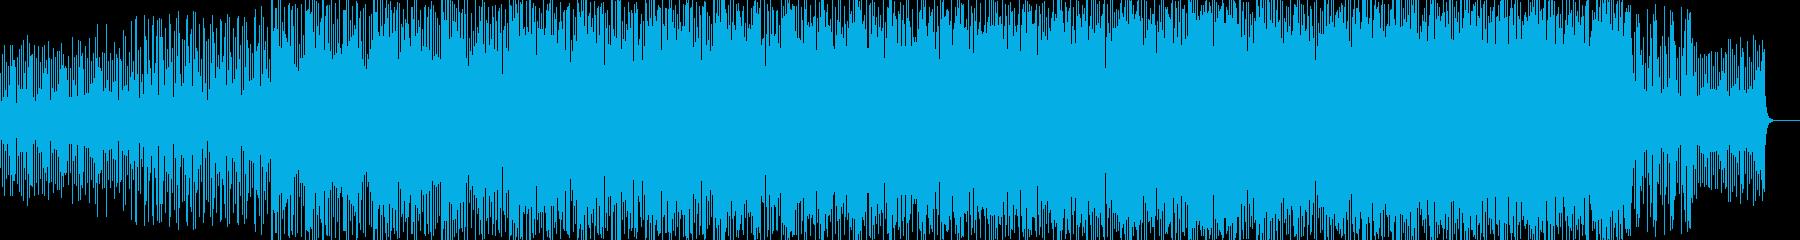 柔らかい雰囲気のエレクトリカルBGMの再生済みの波形